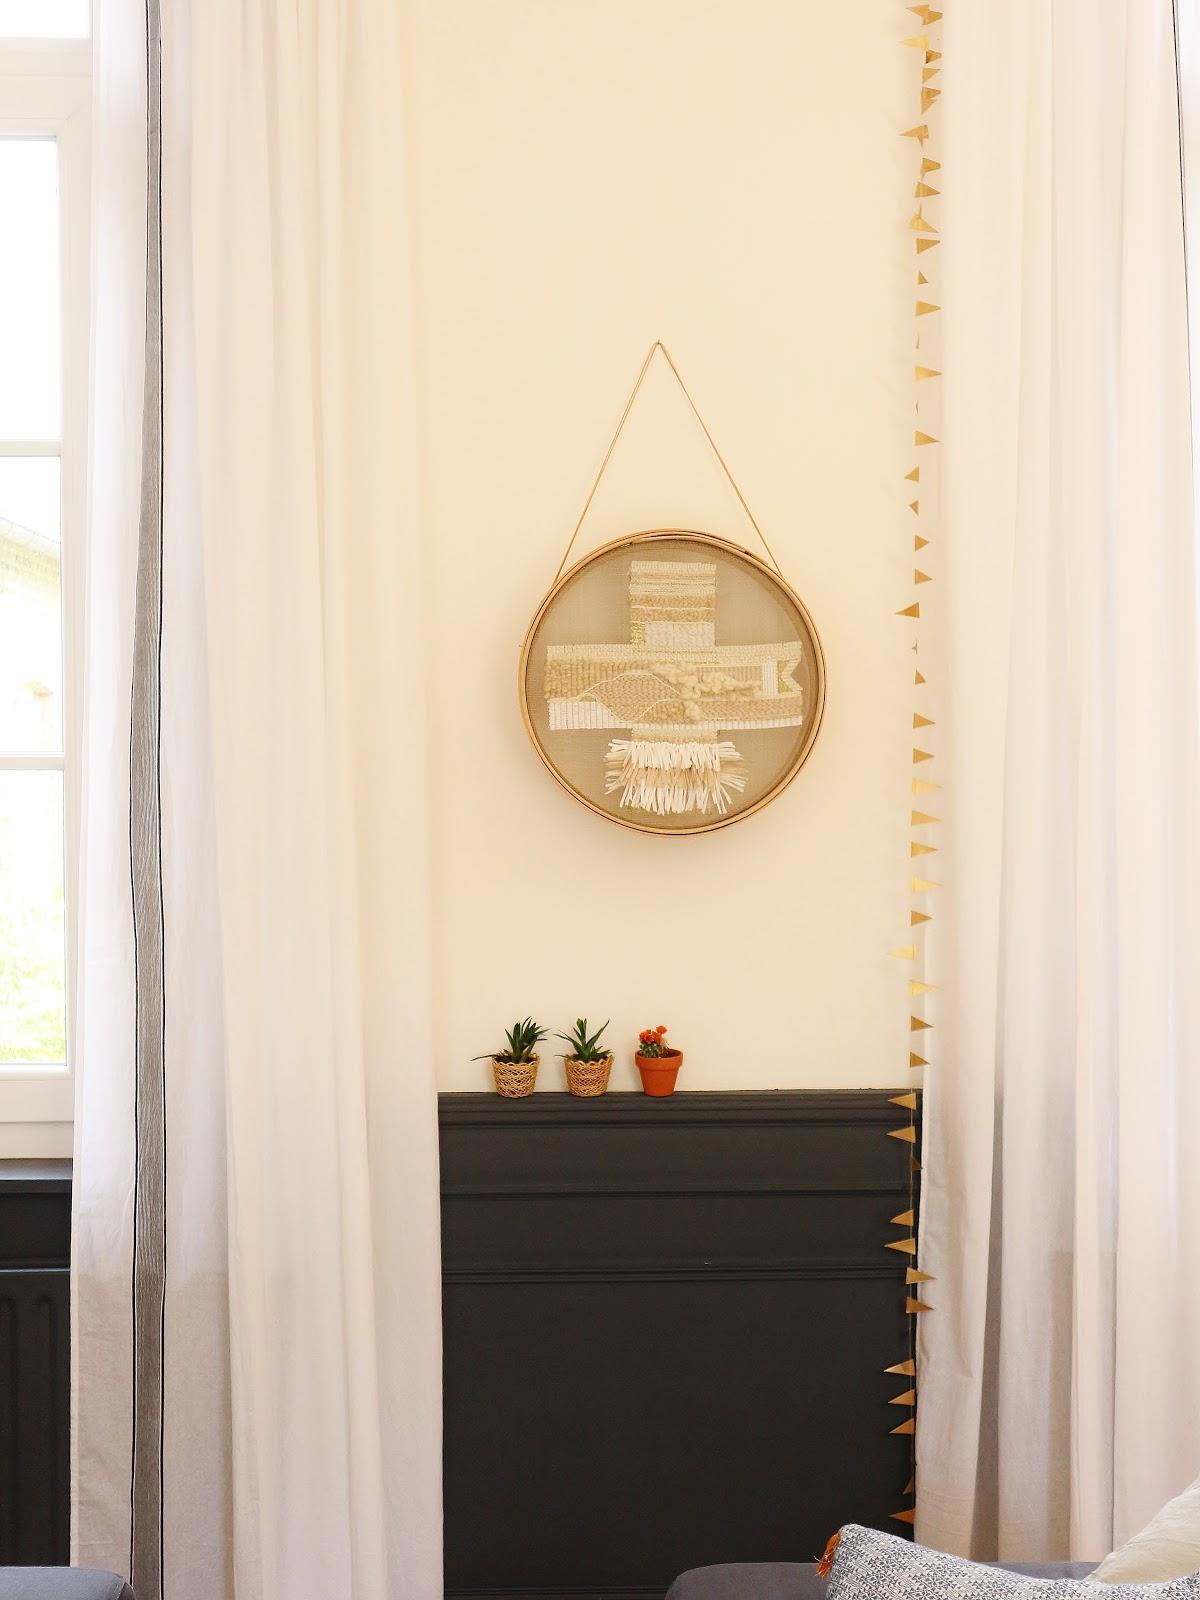 atelier rue verte le blog collectif project inside mon diy tissage avec un tamis en bois. Black Bedroom Furniture Sets. Home Design Ideas